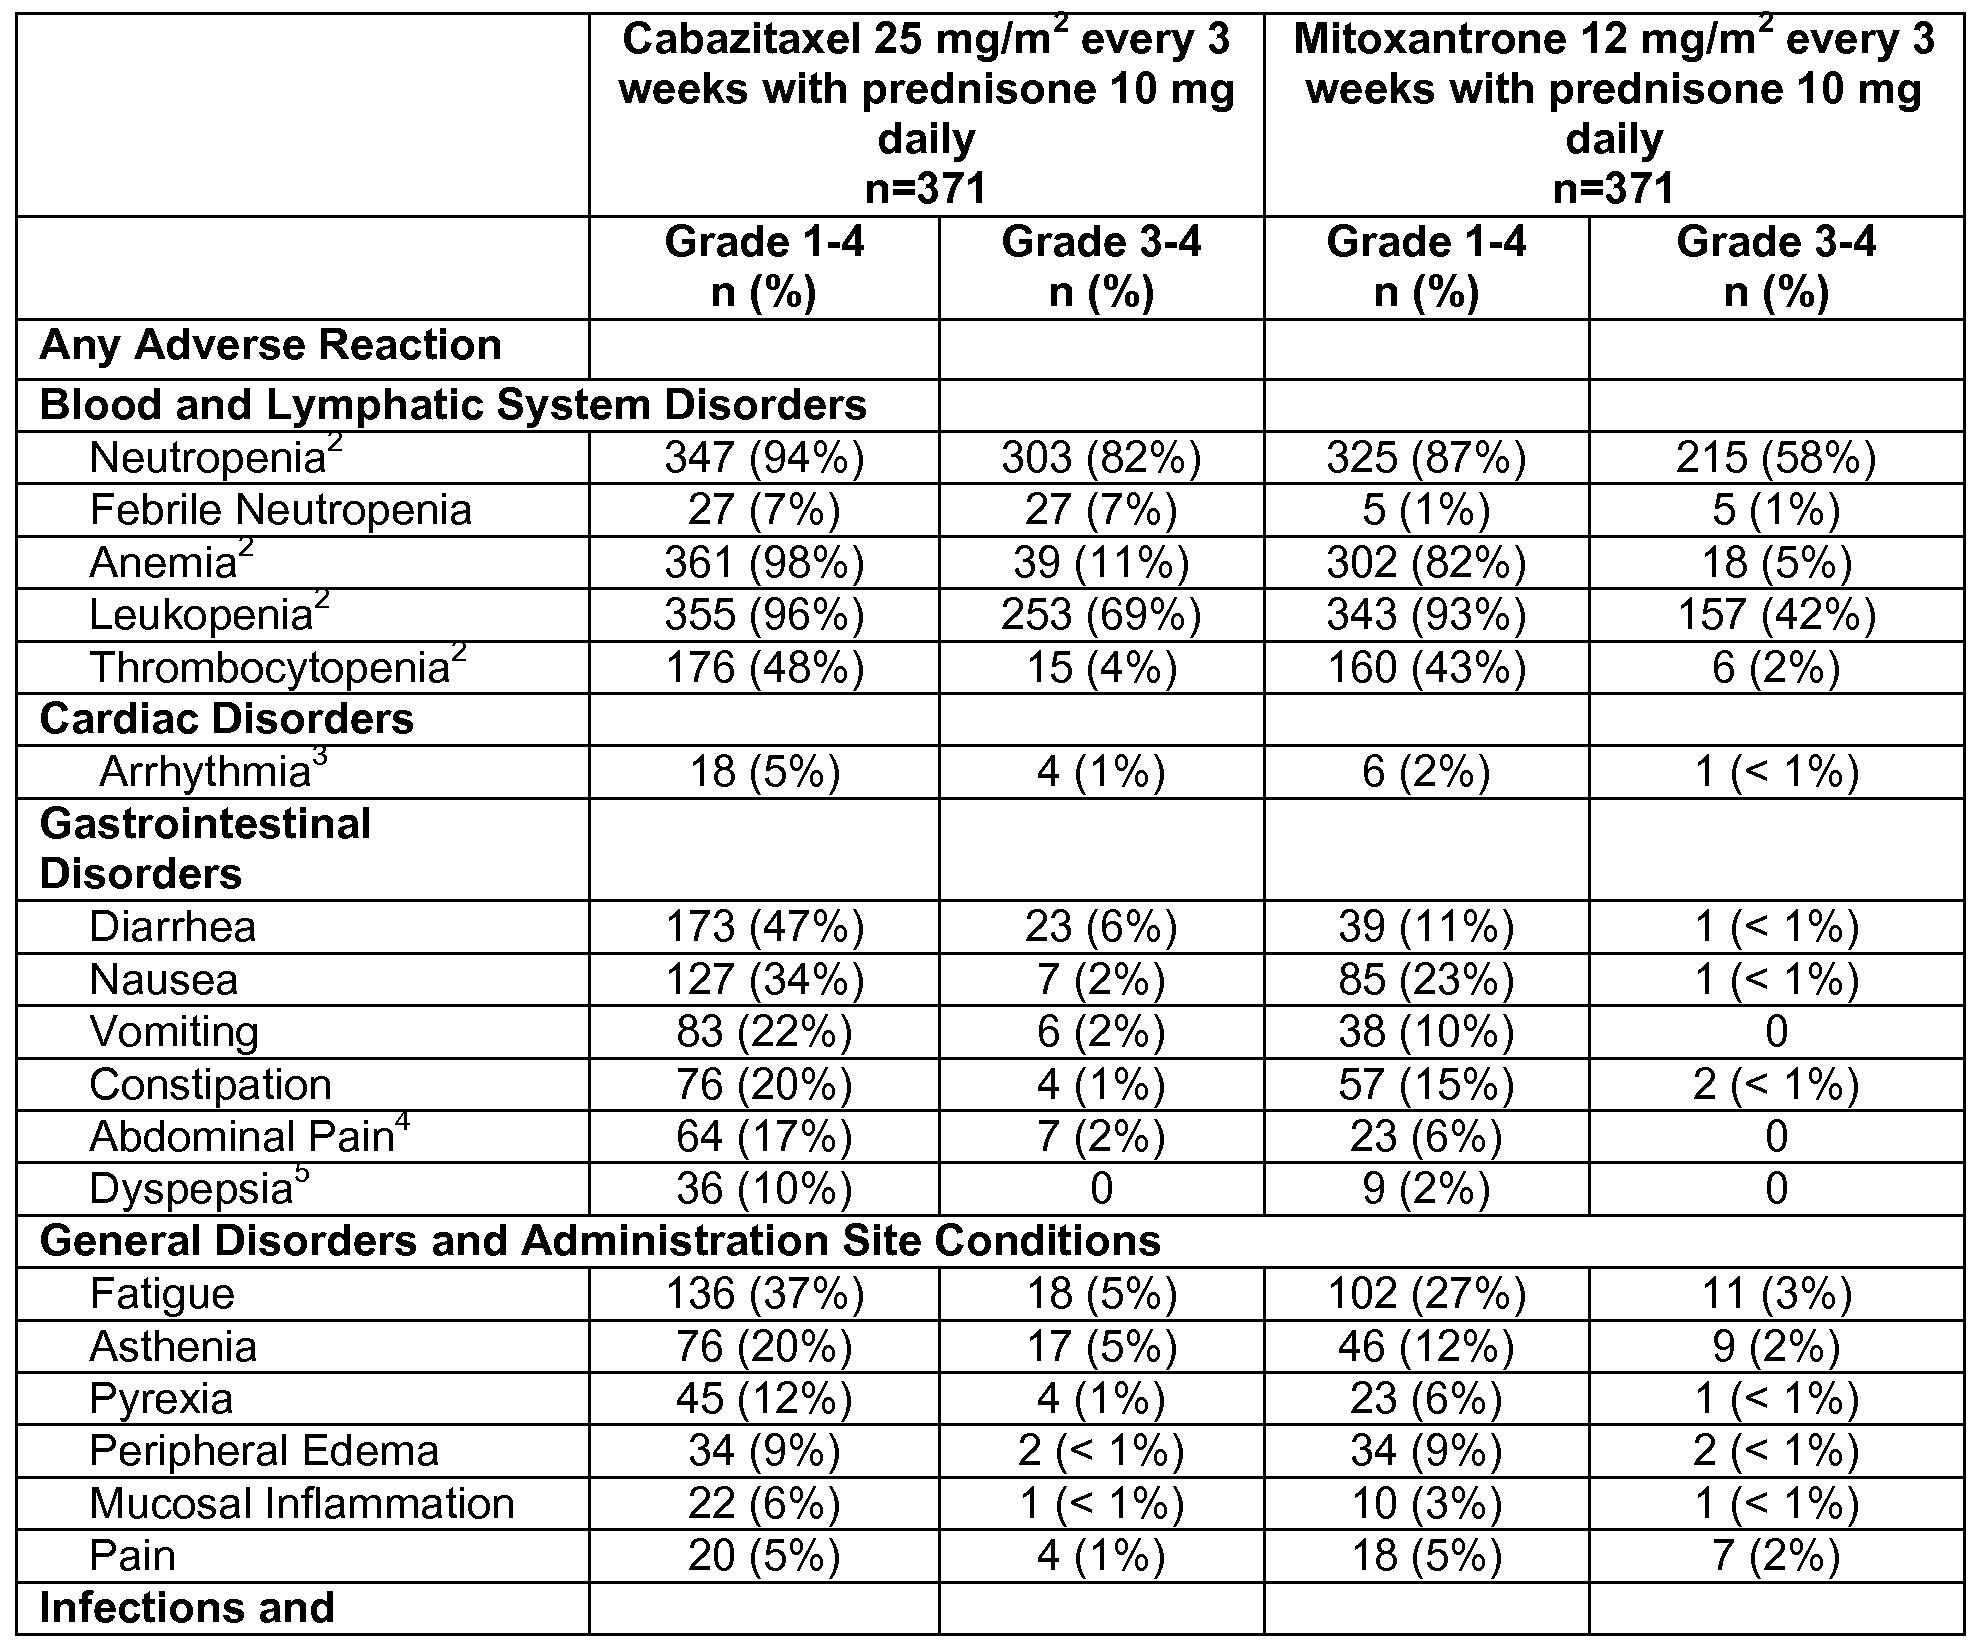 Prednisone 25 mg.doc - Figure Imgf000018_0001